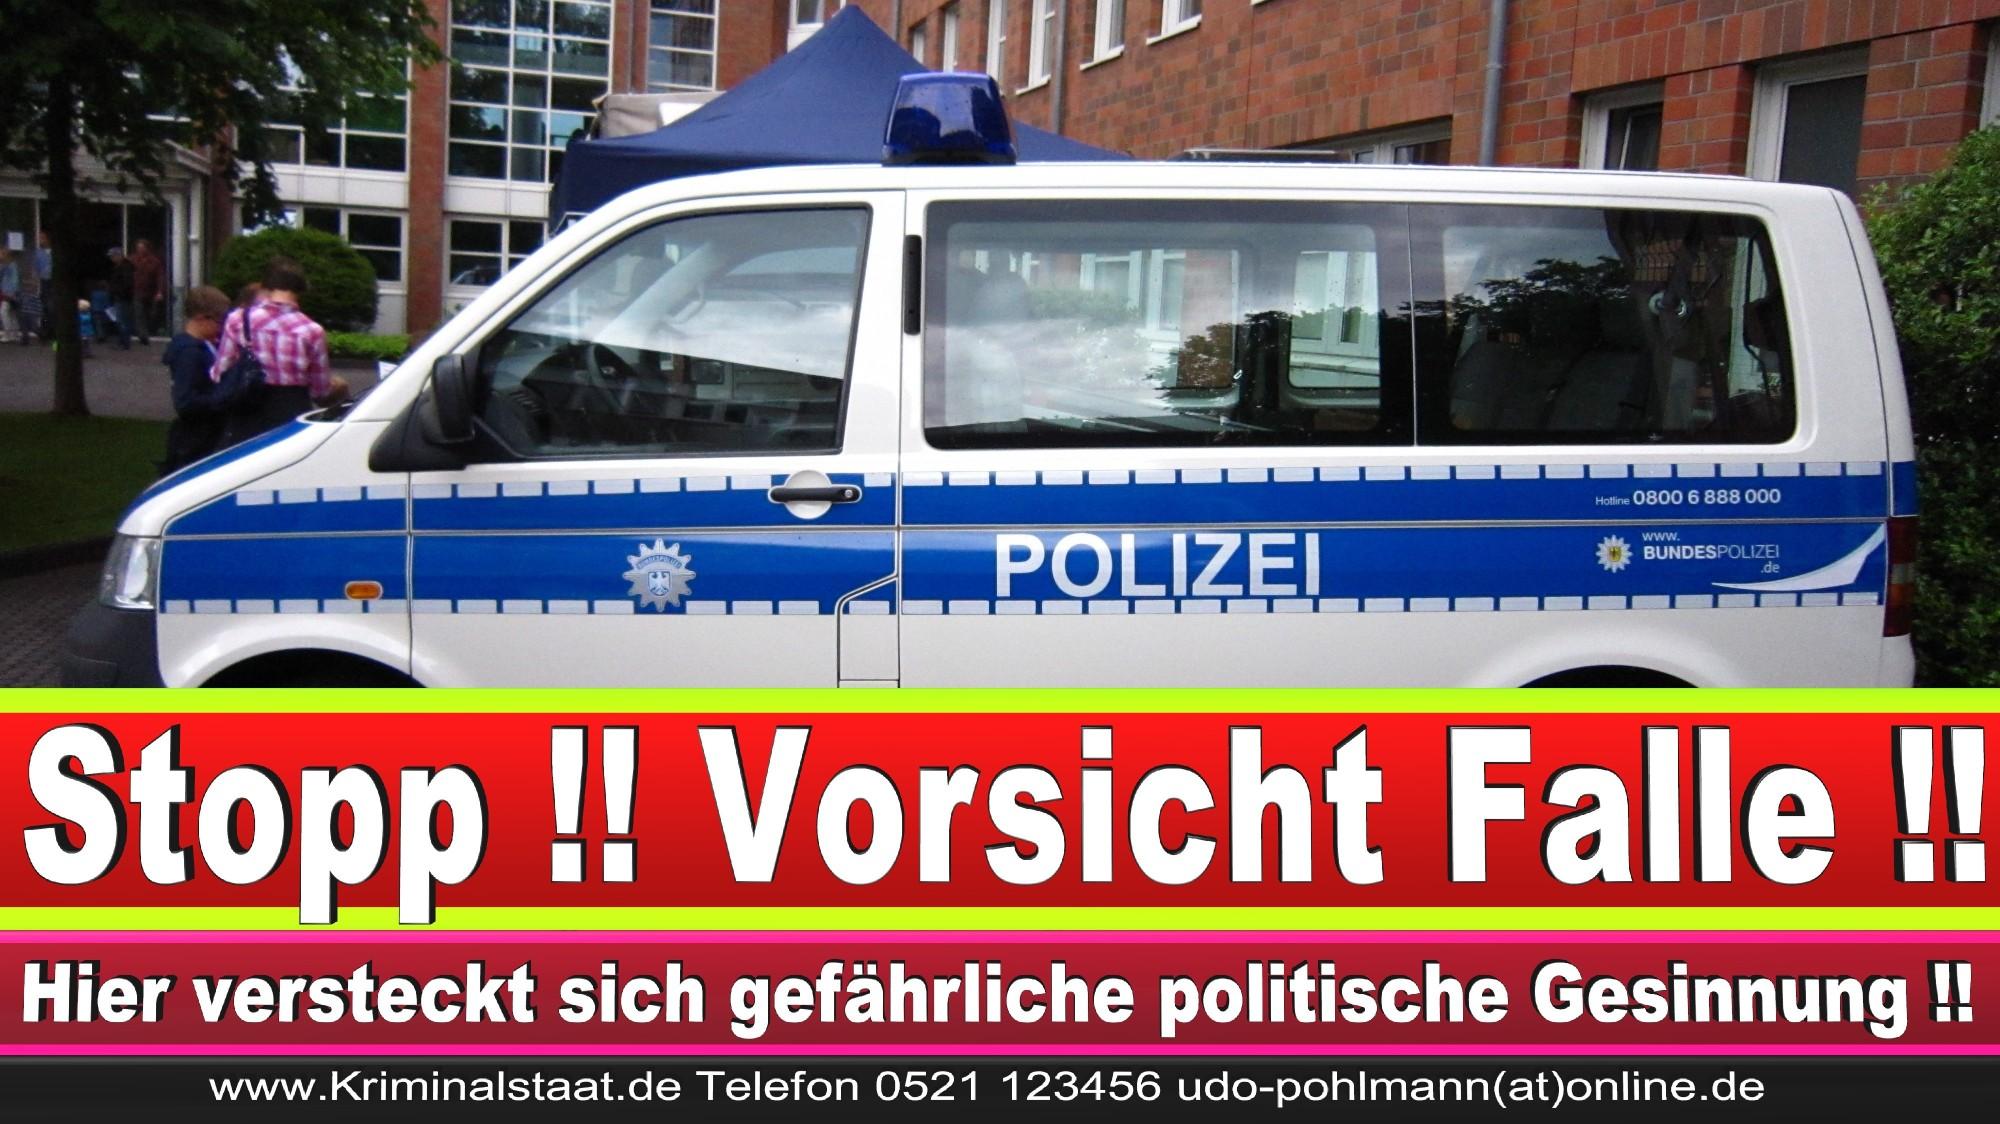 Polizeipräsidentin Katharina Giere Polizei Bielefeld NRW Erwin Südfeld Horst Kruse Polizeiuniform Polizeigewalt DEMONSTRATION Bahnhof (9) 1